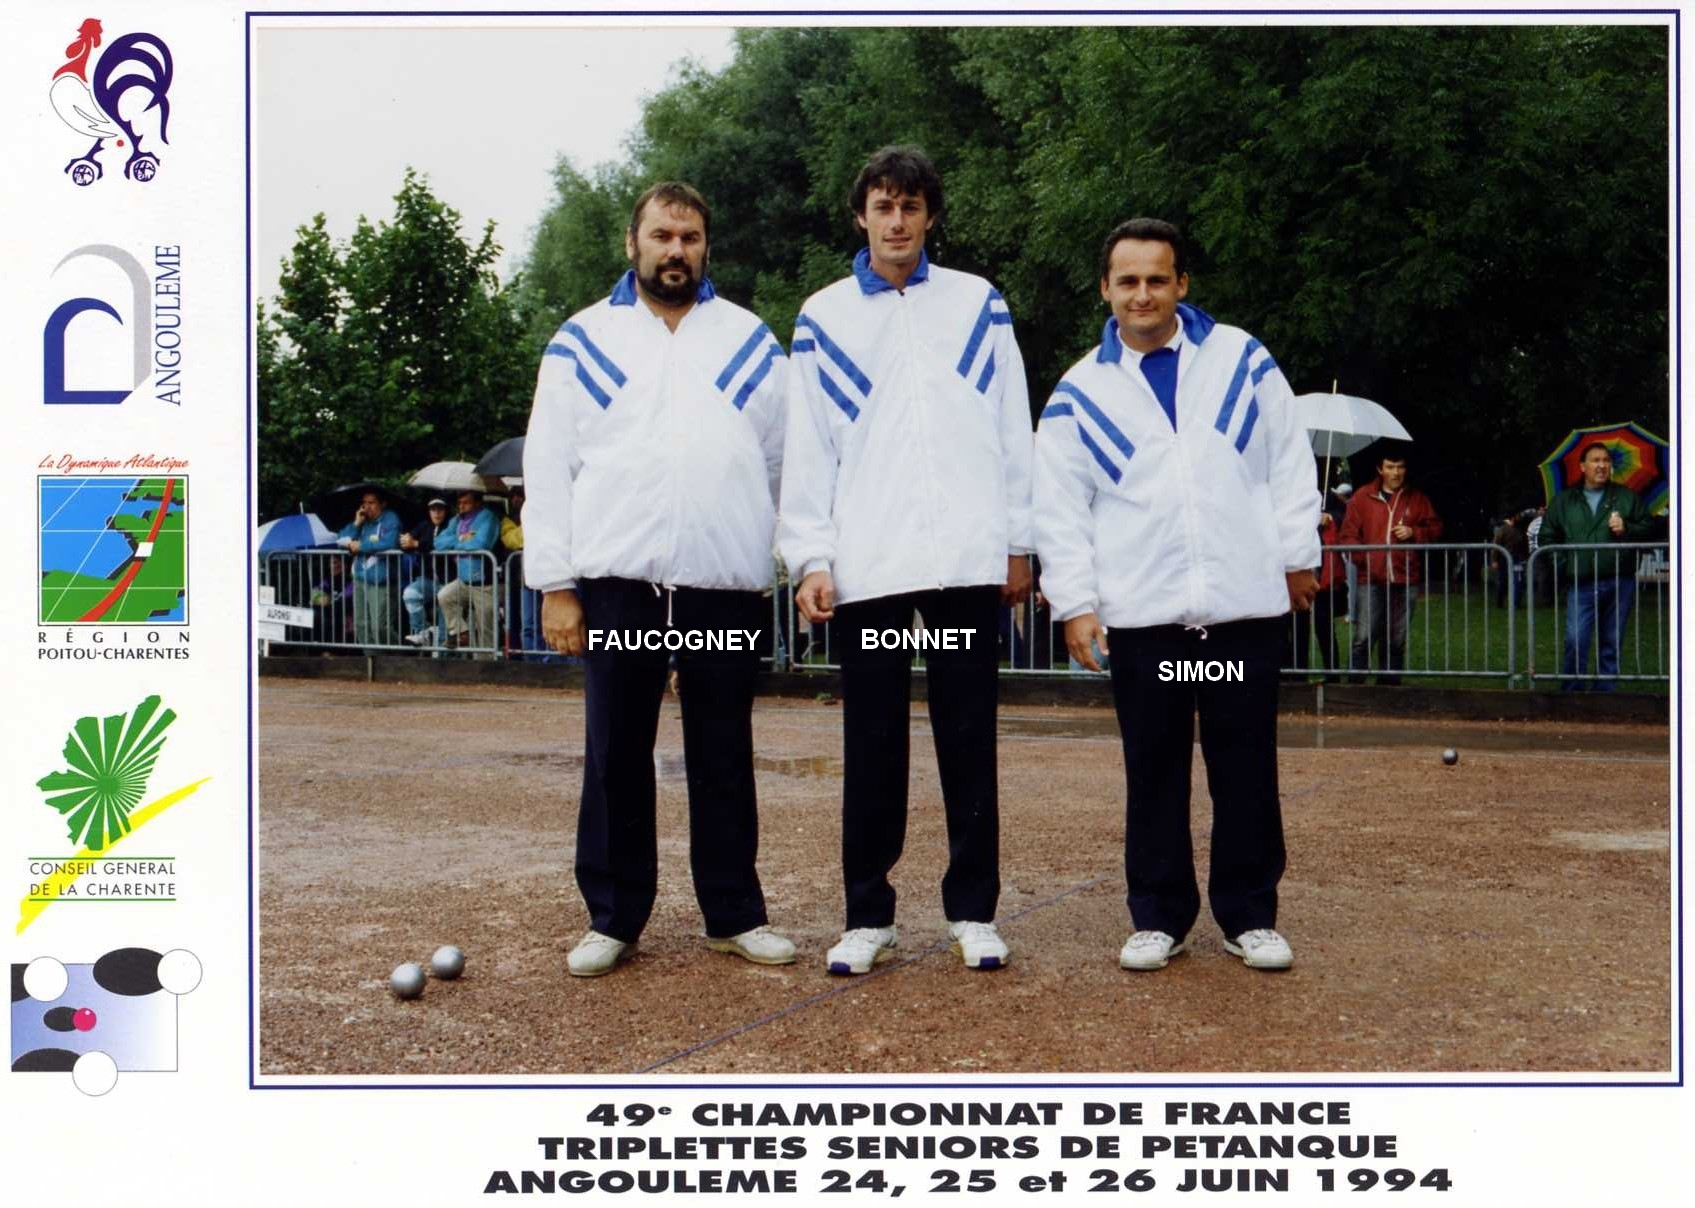 3ème France triplettes à ANGOULEME en 1994 perdu en 1/64ème contre l'équipe MAIRE-NAUD-BONNET (79)